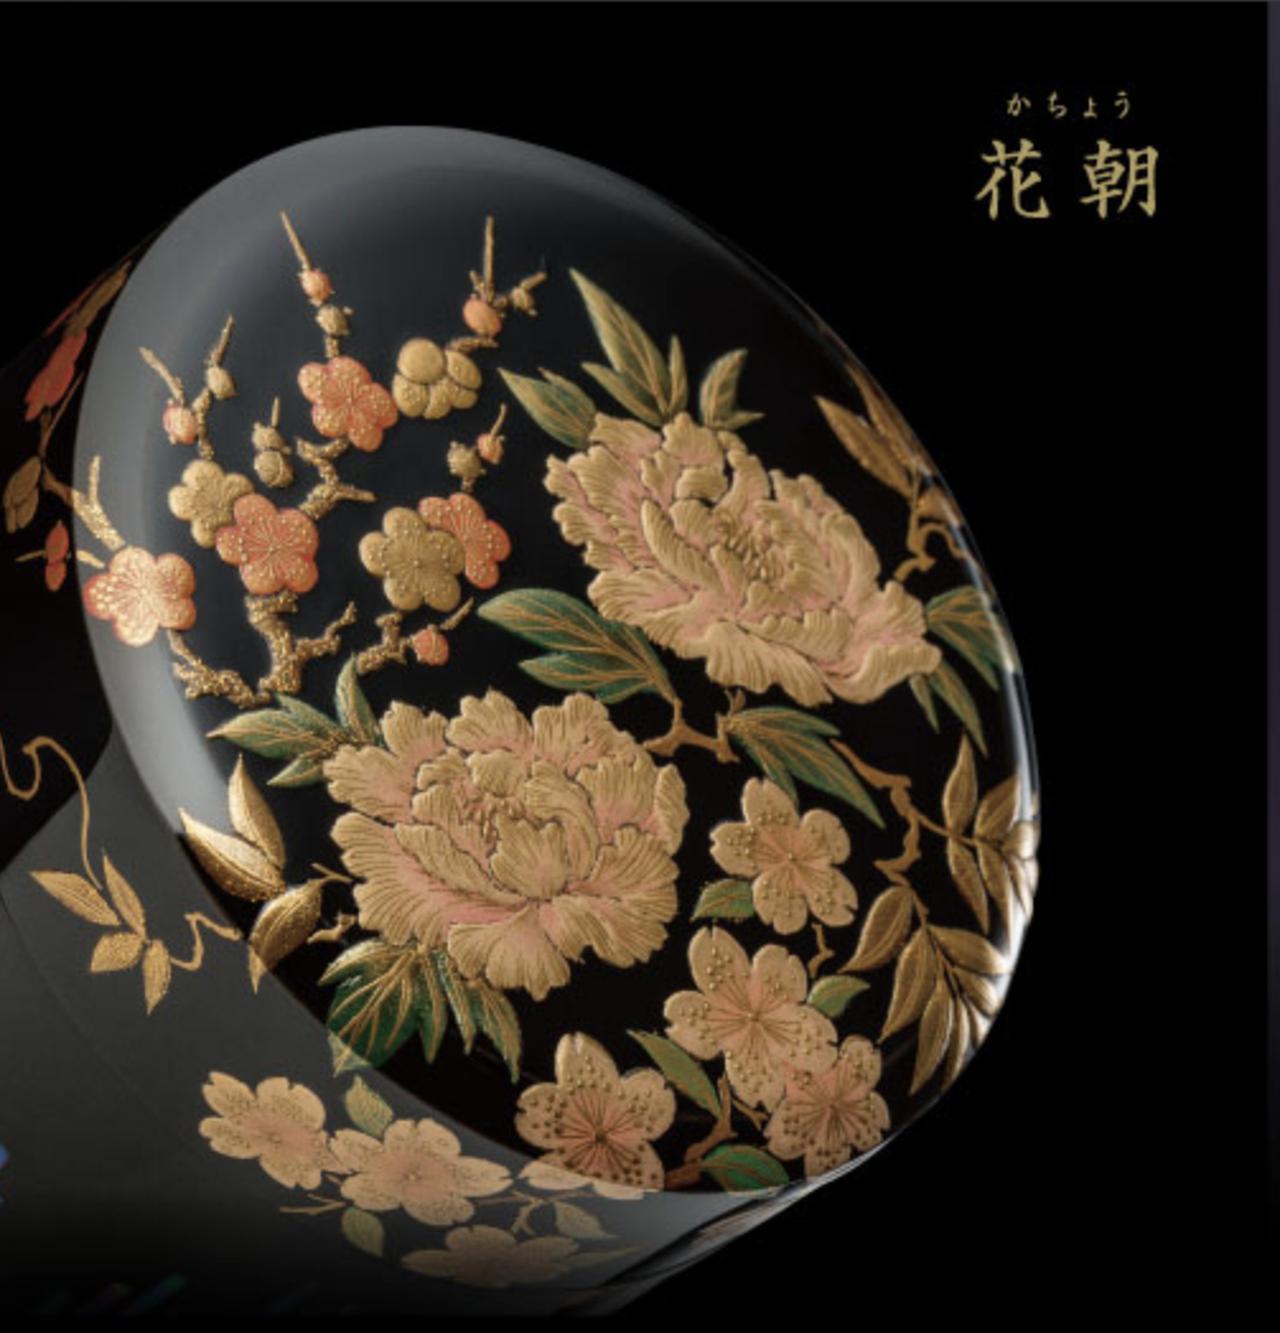 画像1: きわみ絢爛  - 大切な人への想いを、気品ある輝きを放つ山中漆器の骨壷に